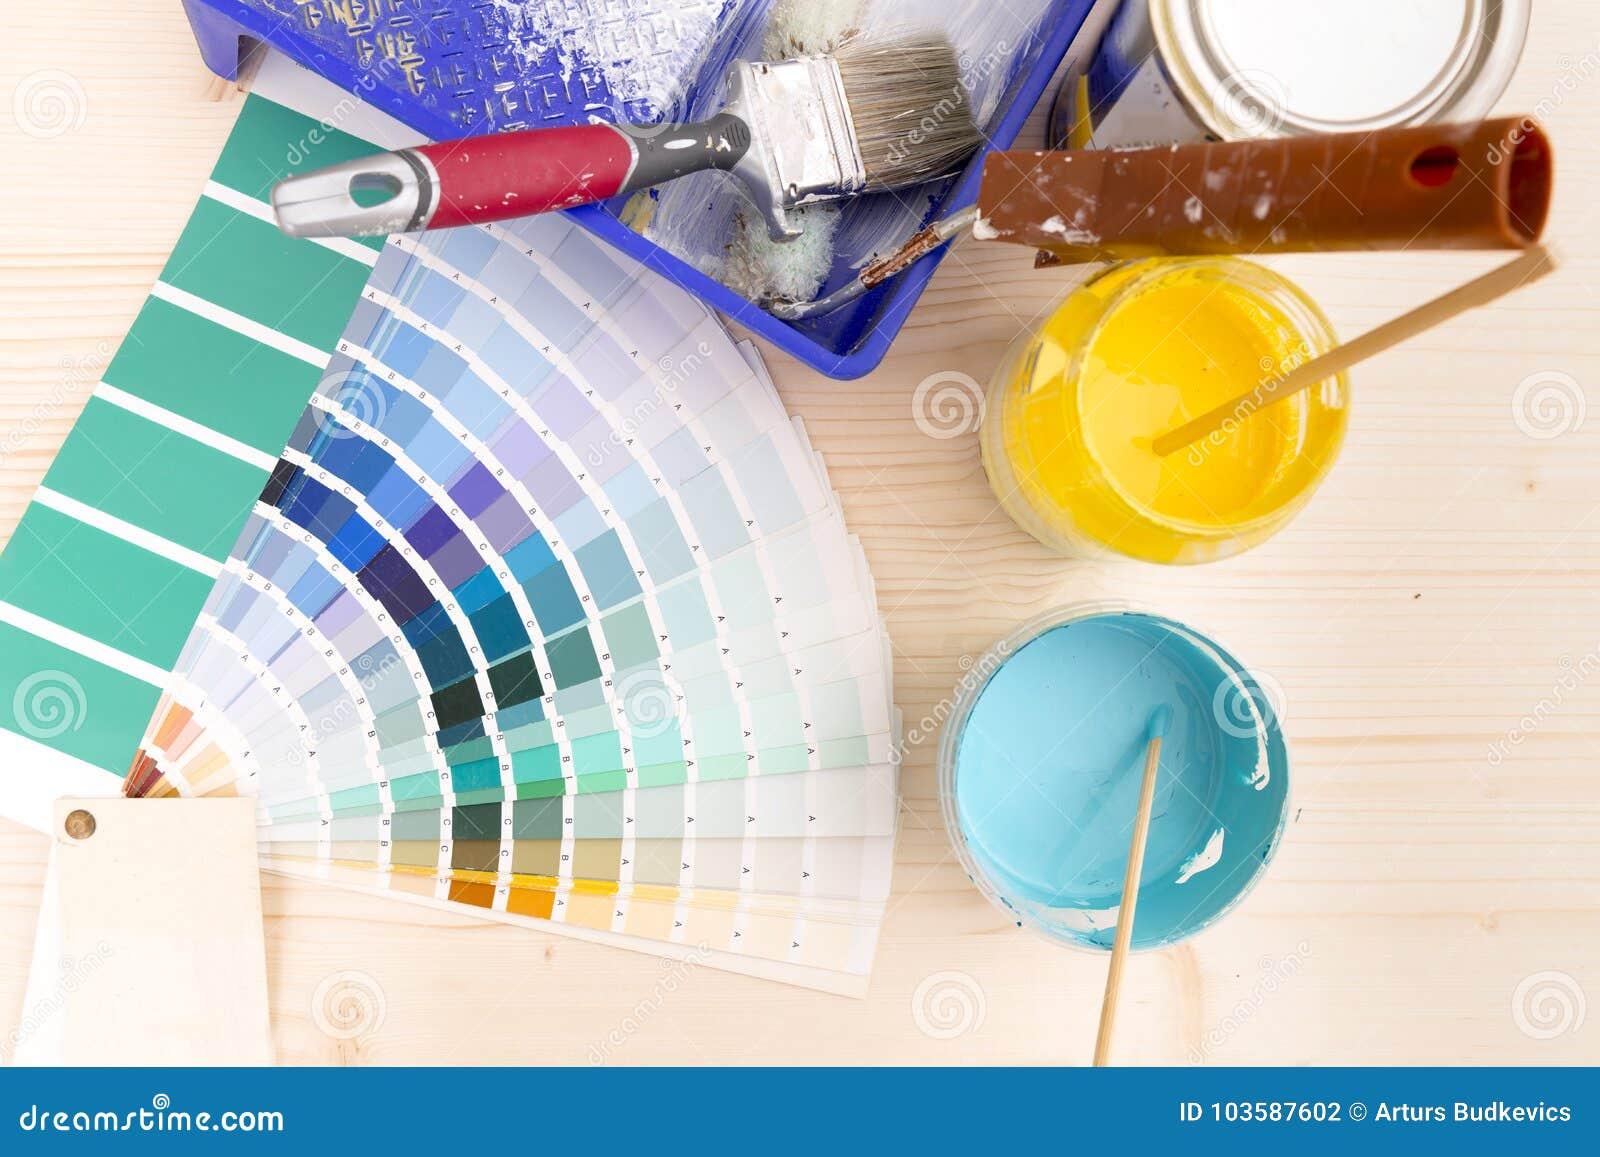 Fuentes de la guía y de la pintura de la paleta de colores, brochas y cuesta